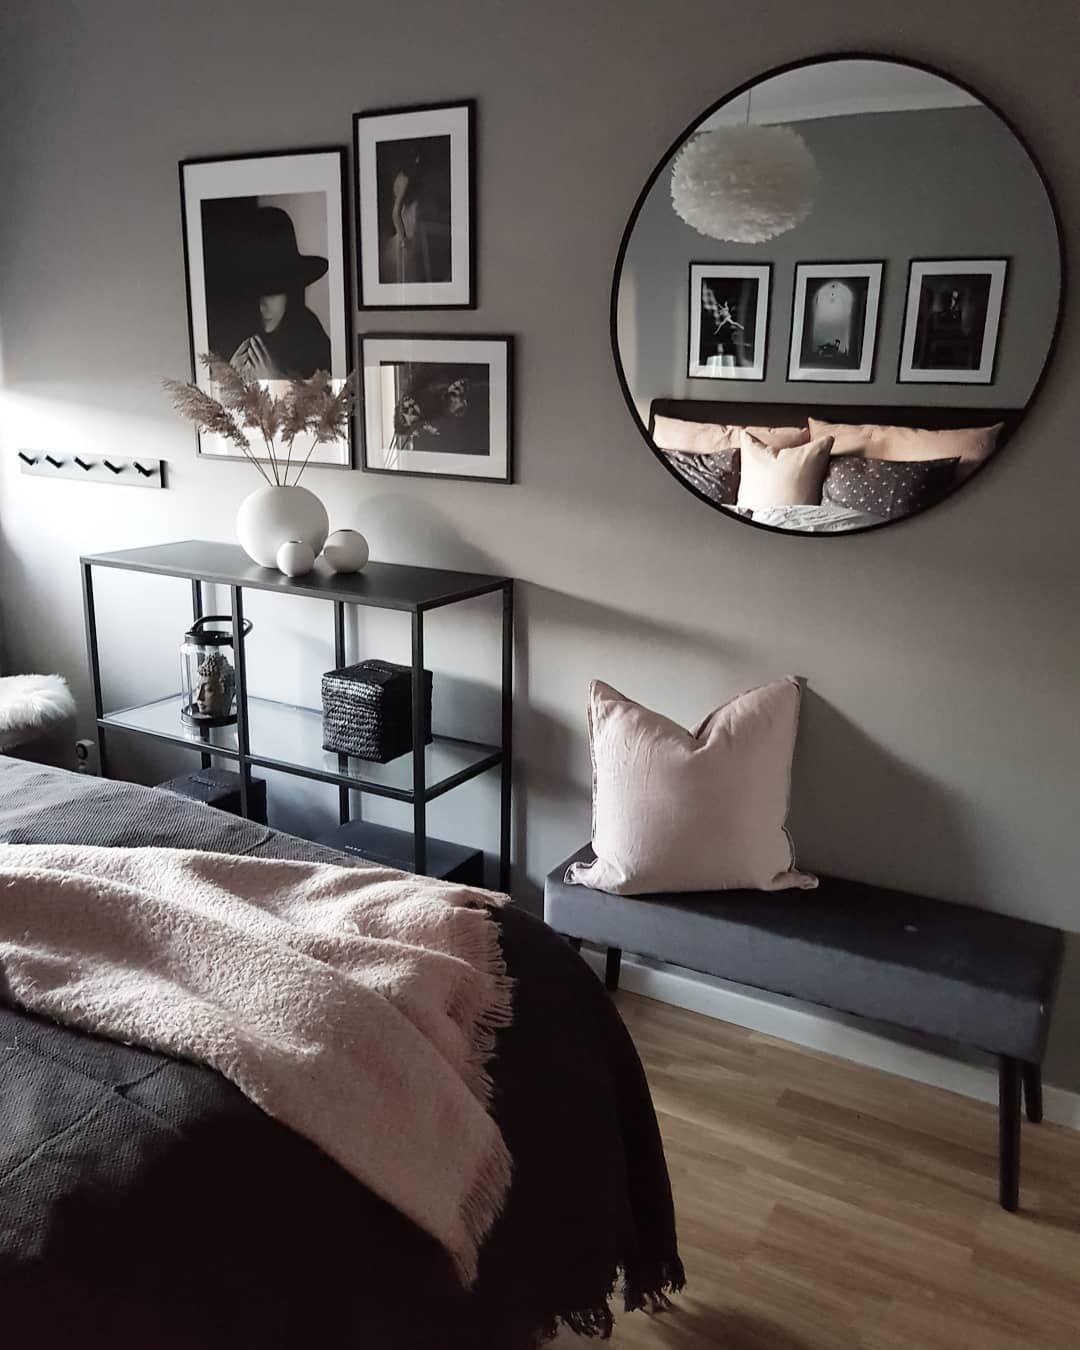 Umage Design Eos tollas lámpája a skandináv hálószobában. Fotó: @js.interior #umage #umageeos #bedroom #bedroomdesign #bedroomideas #bedroomdecor #interiordesign #hálószoba #hálószobaötletek #lakberendezés #lakásfelújítás #lámpa #skandinávlámpa